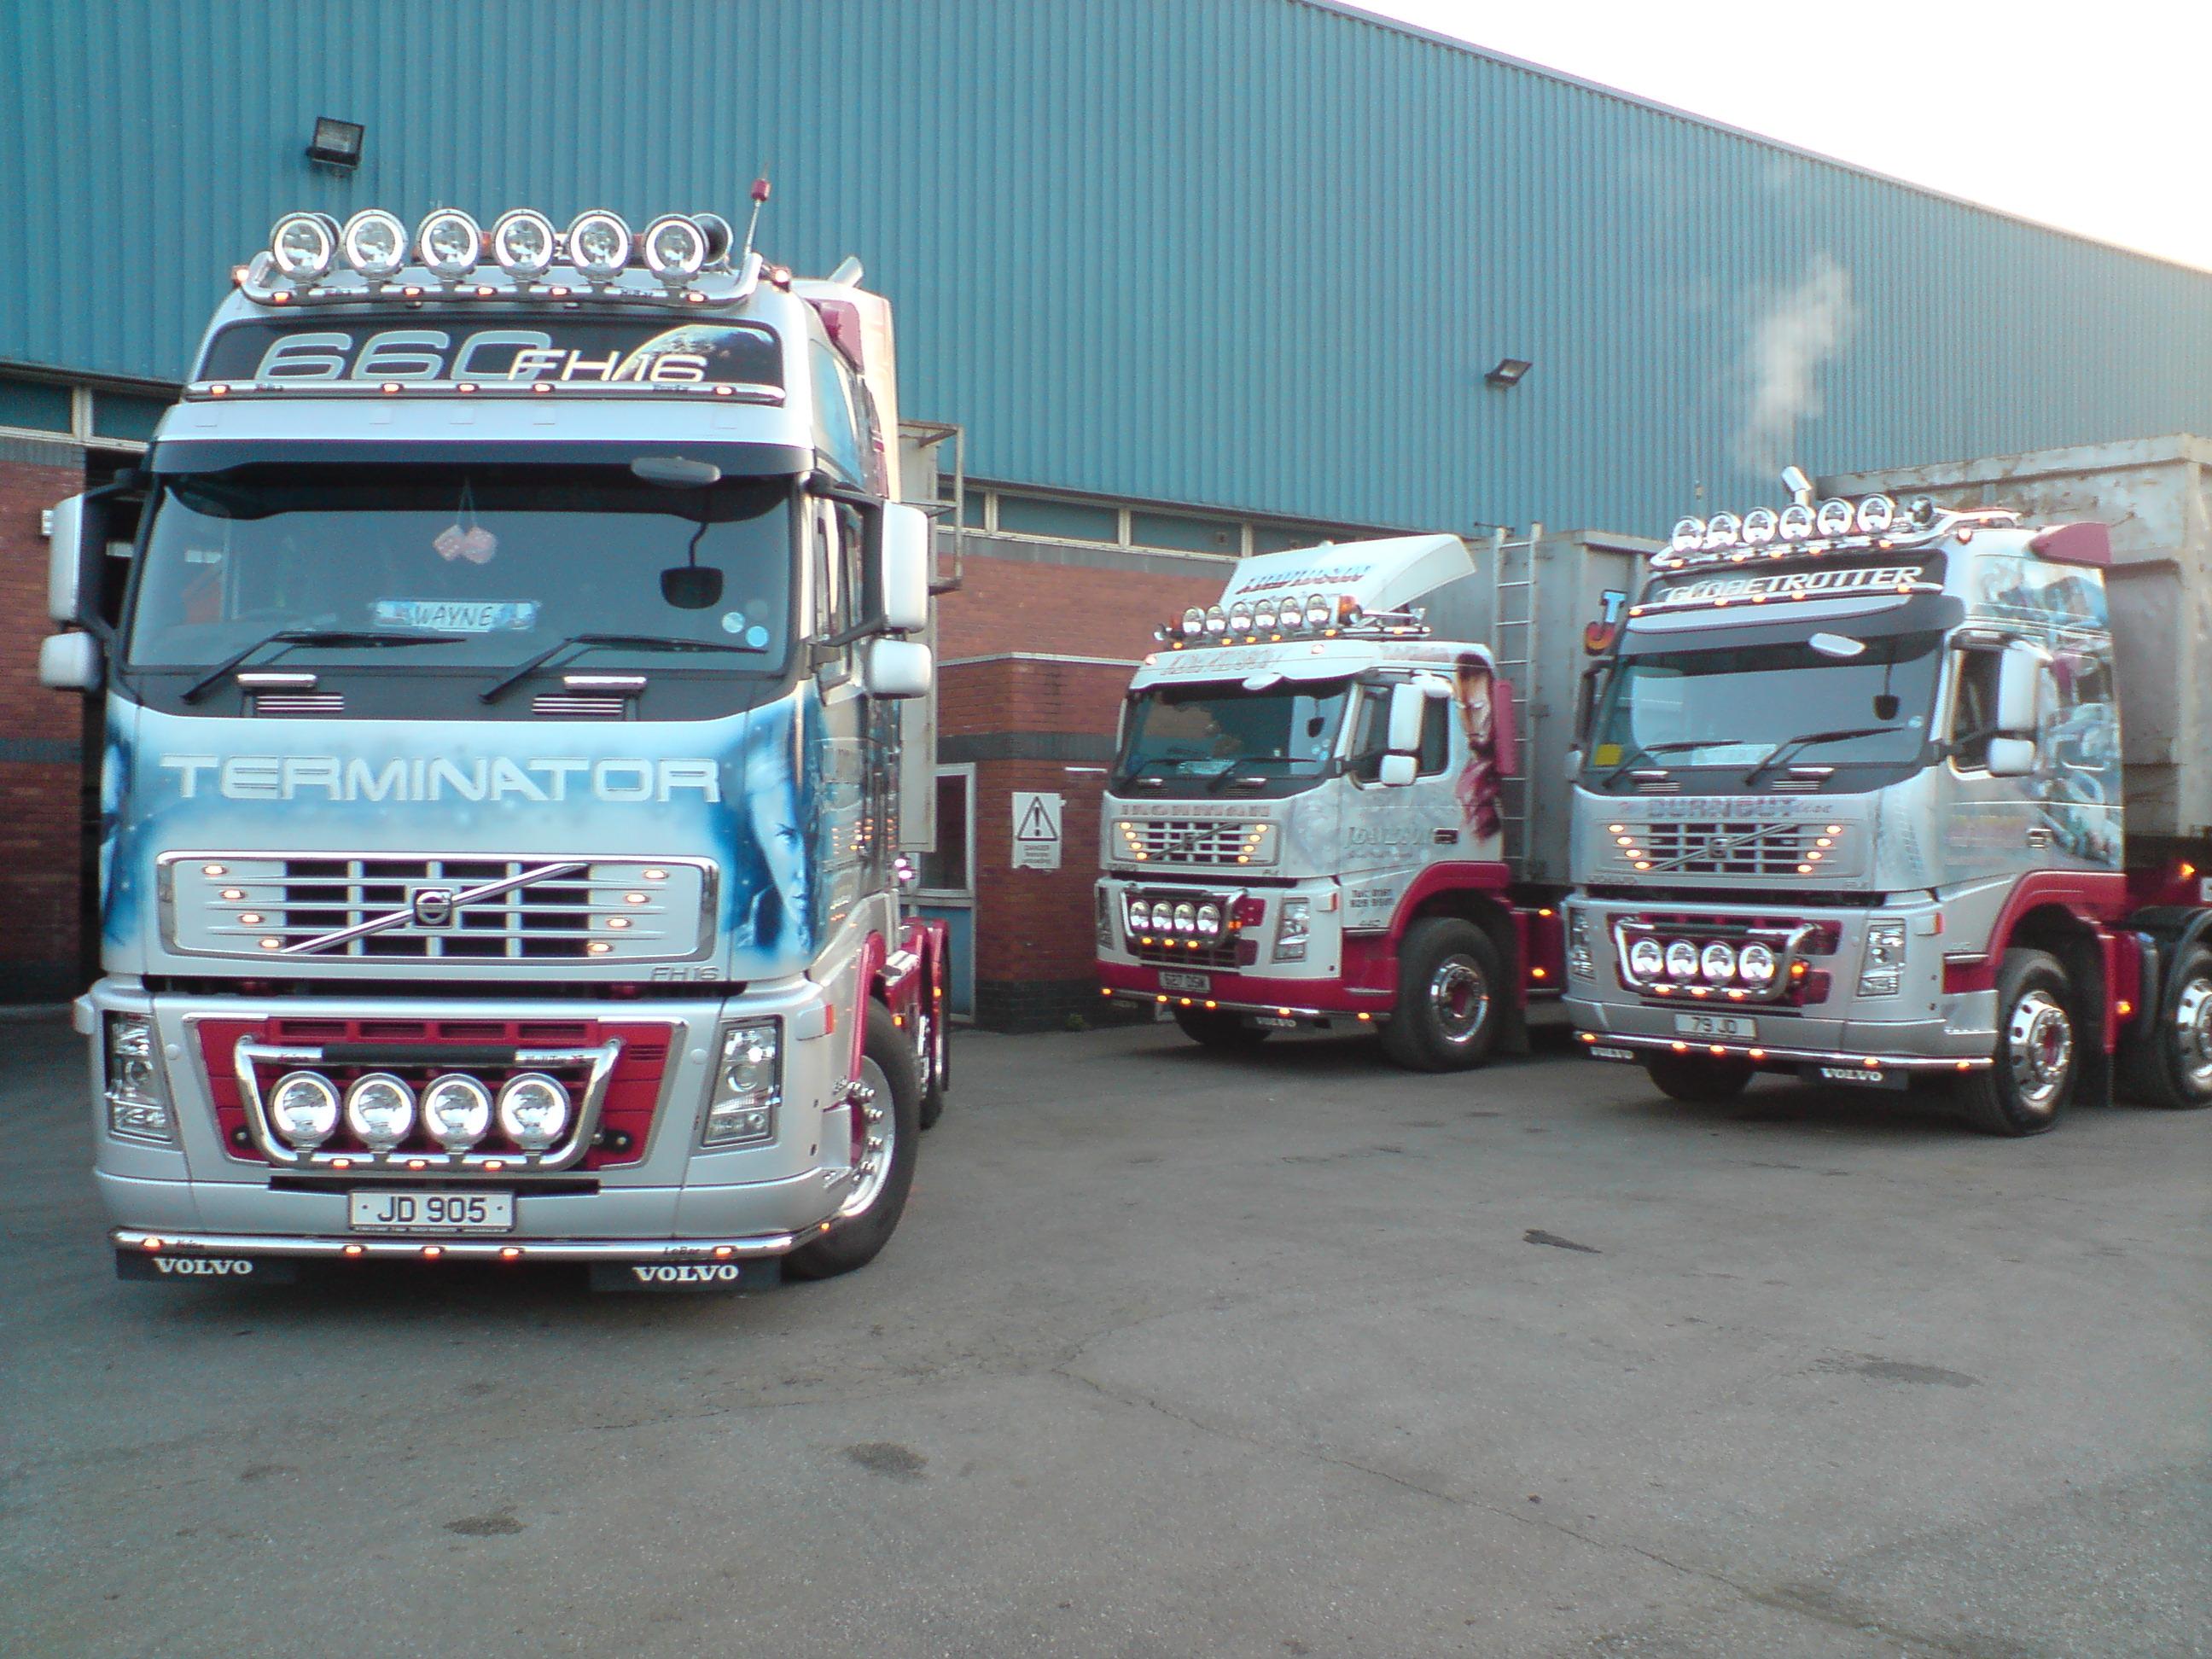 Davidson's trucks